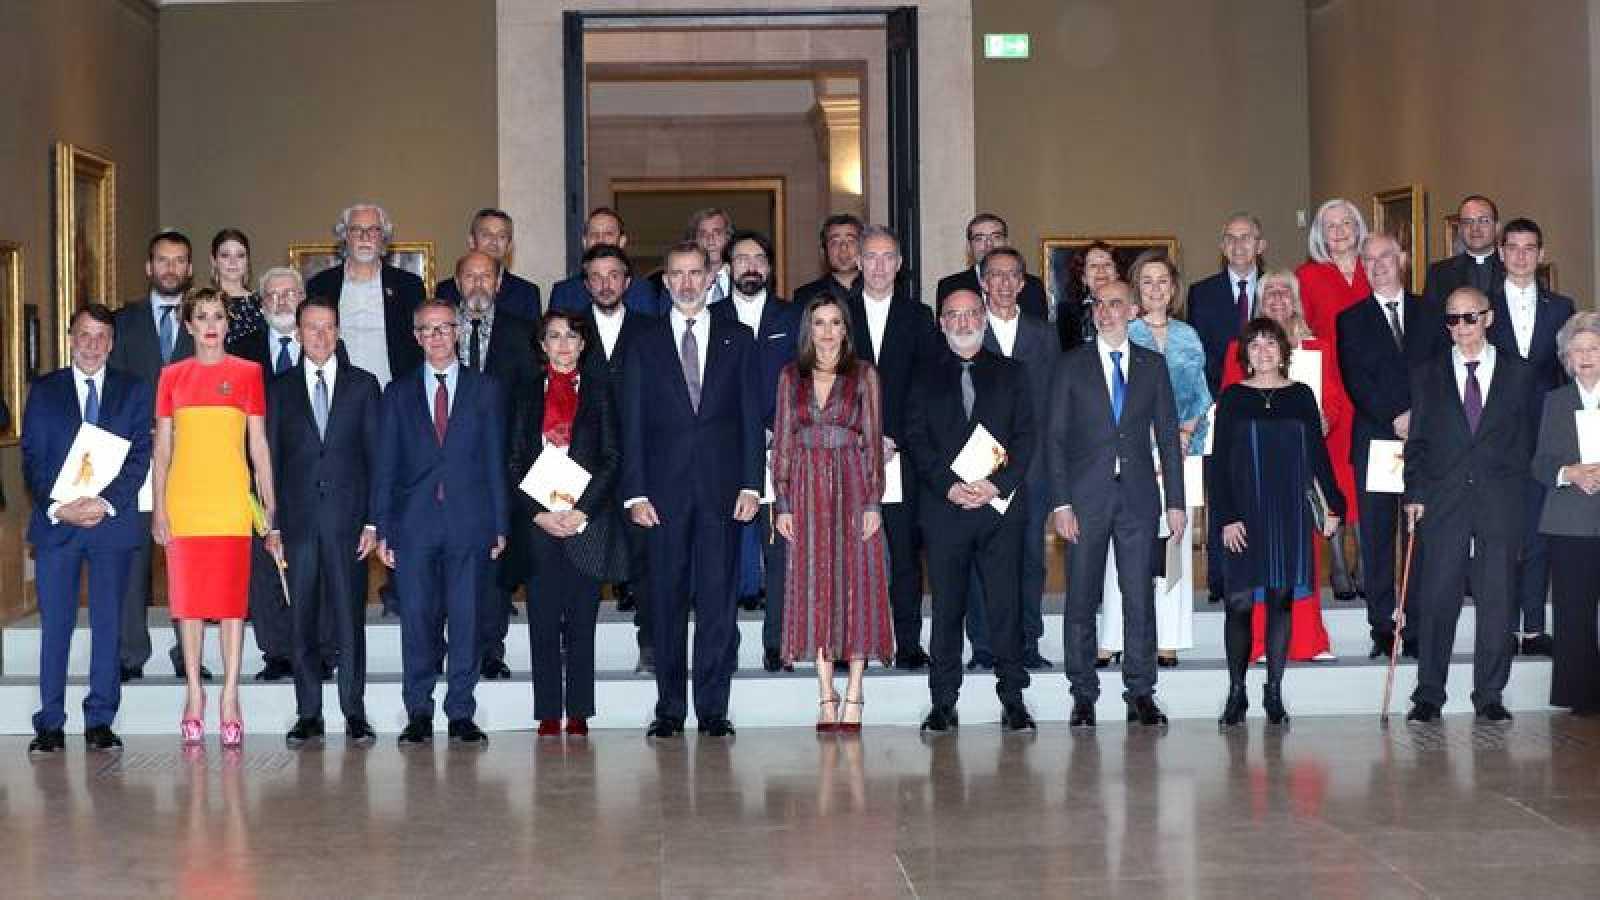 Los reyes junto a los galardonados con los Premios Nacionales de Cultura 2017.